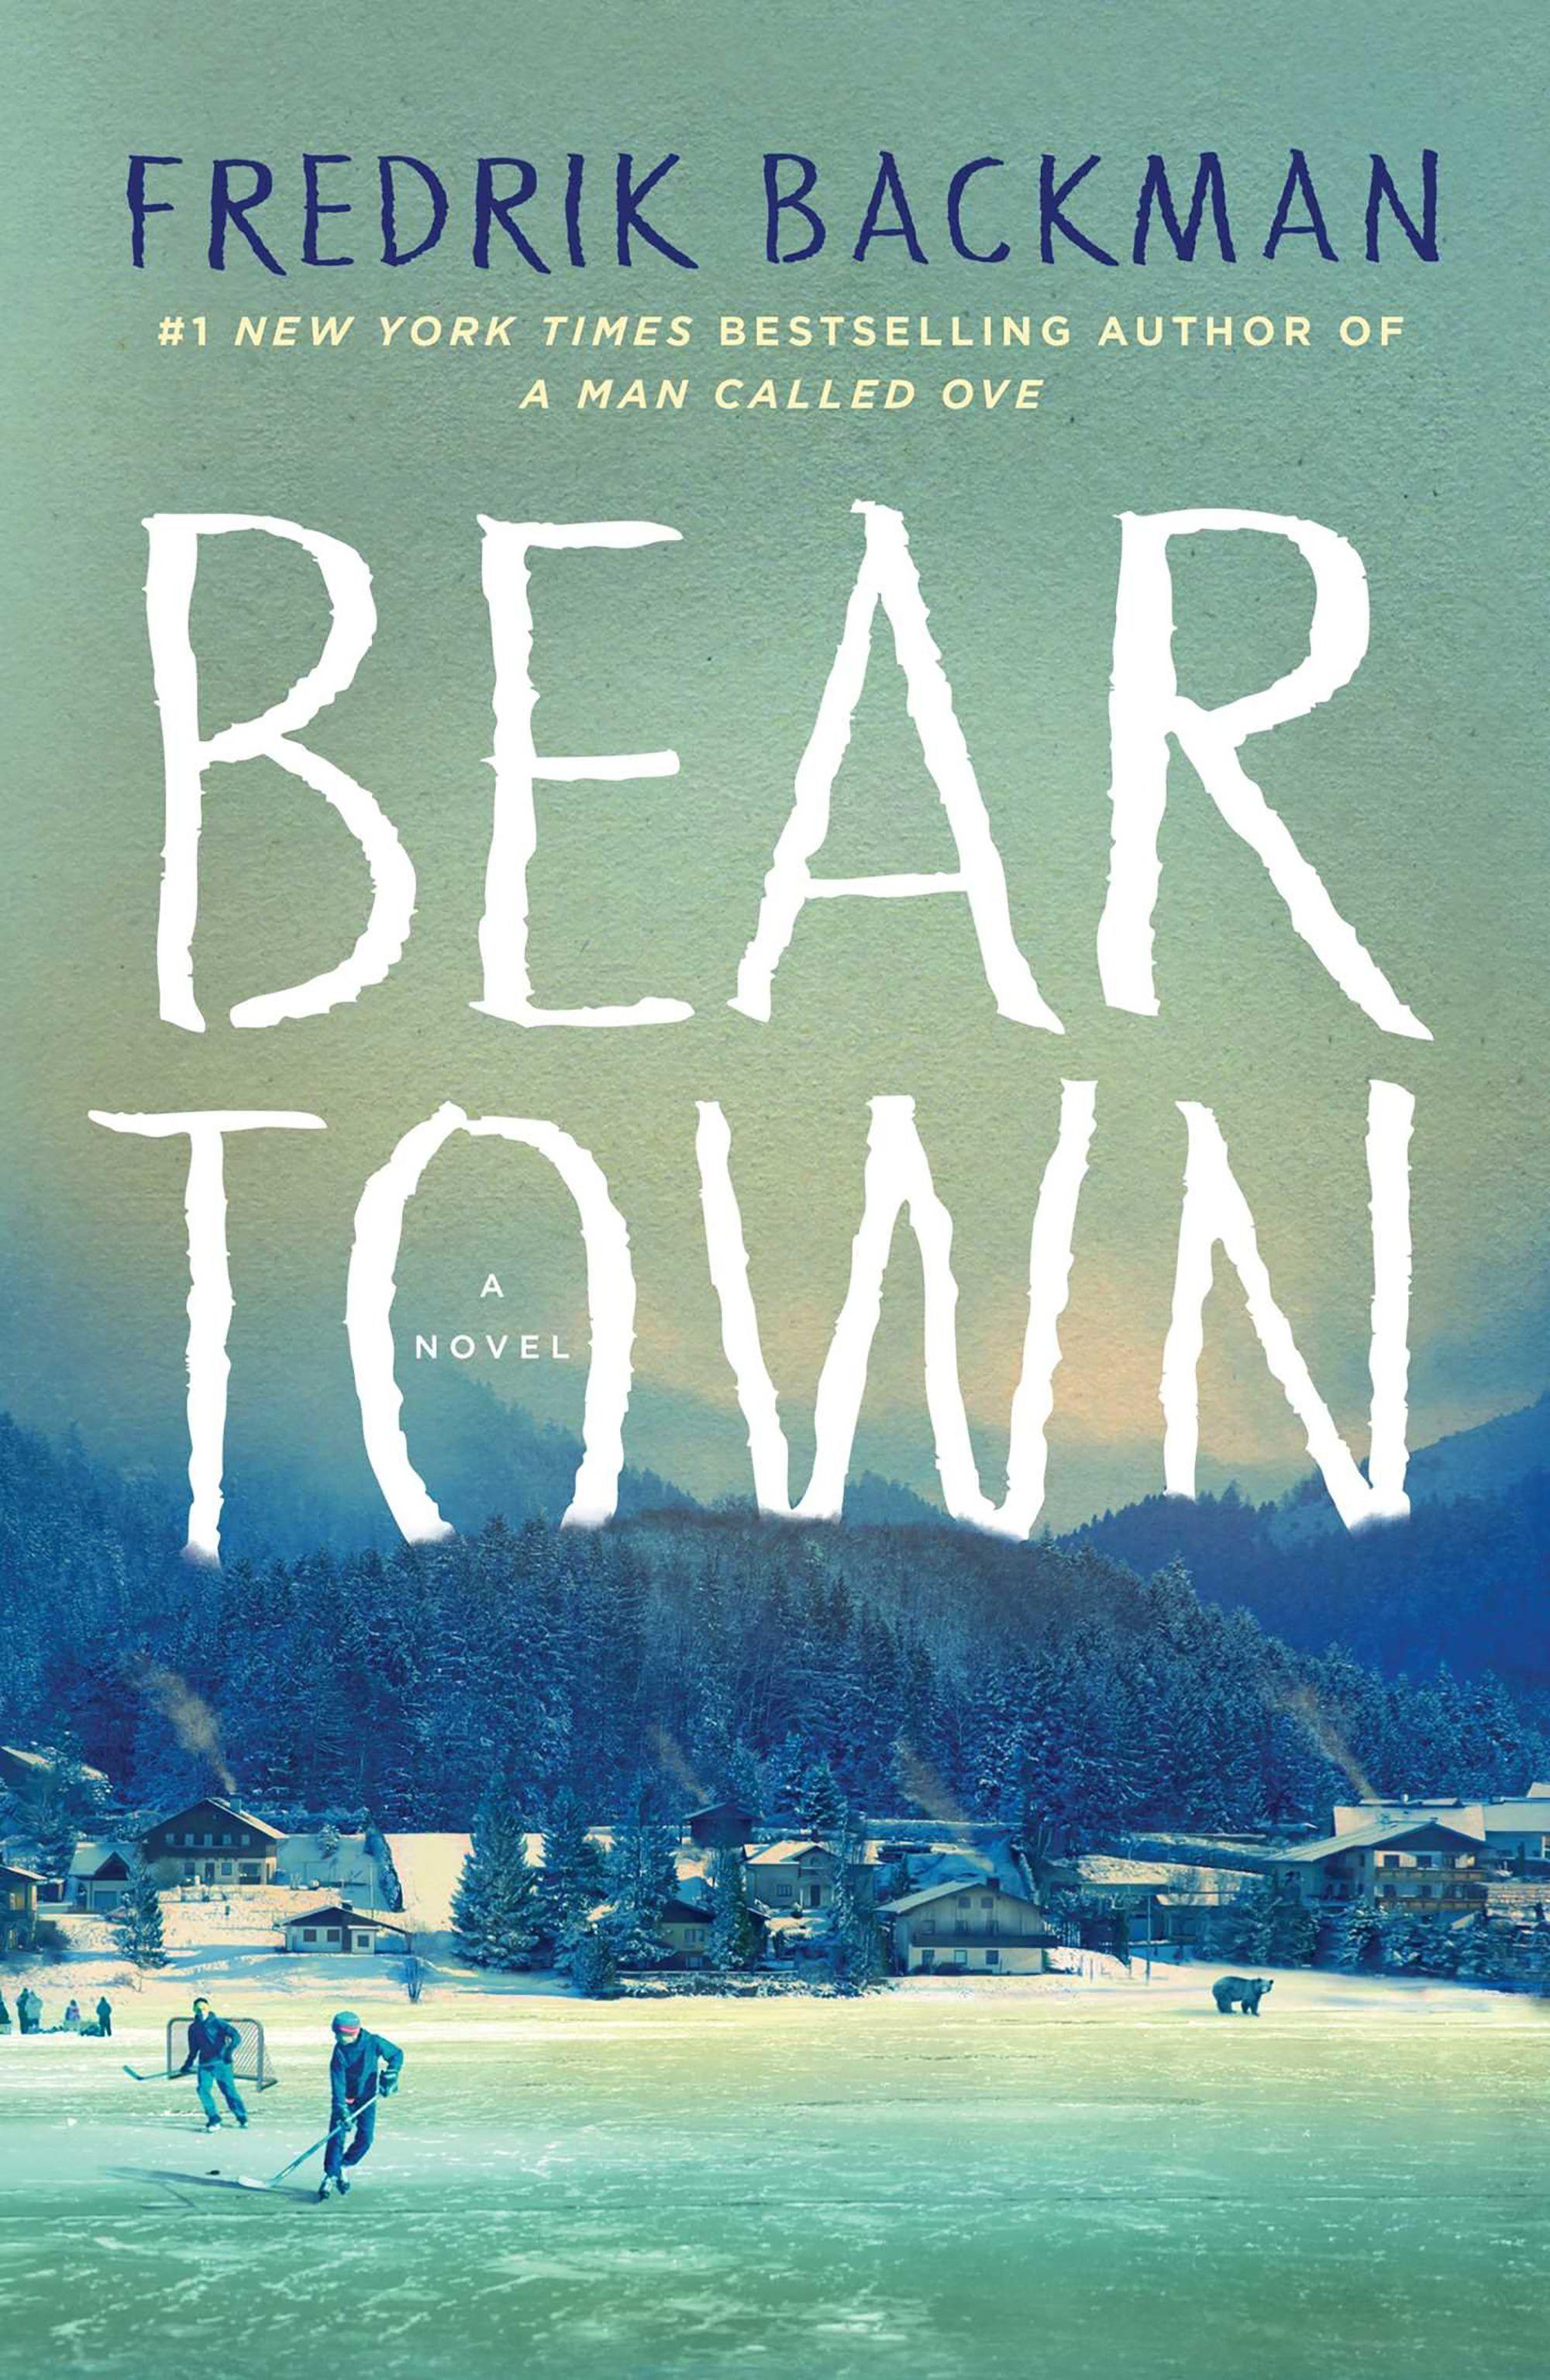 Fredrik Backman - Bear Town